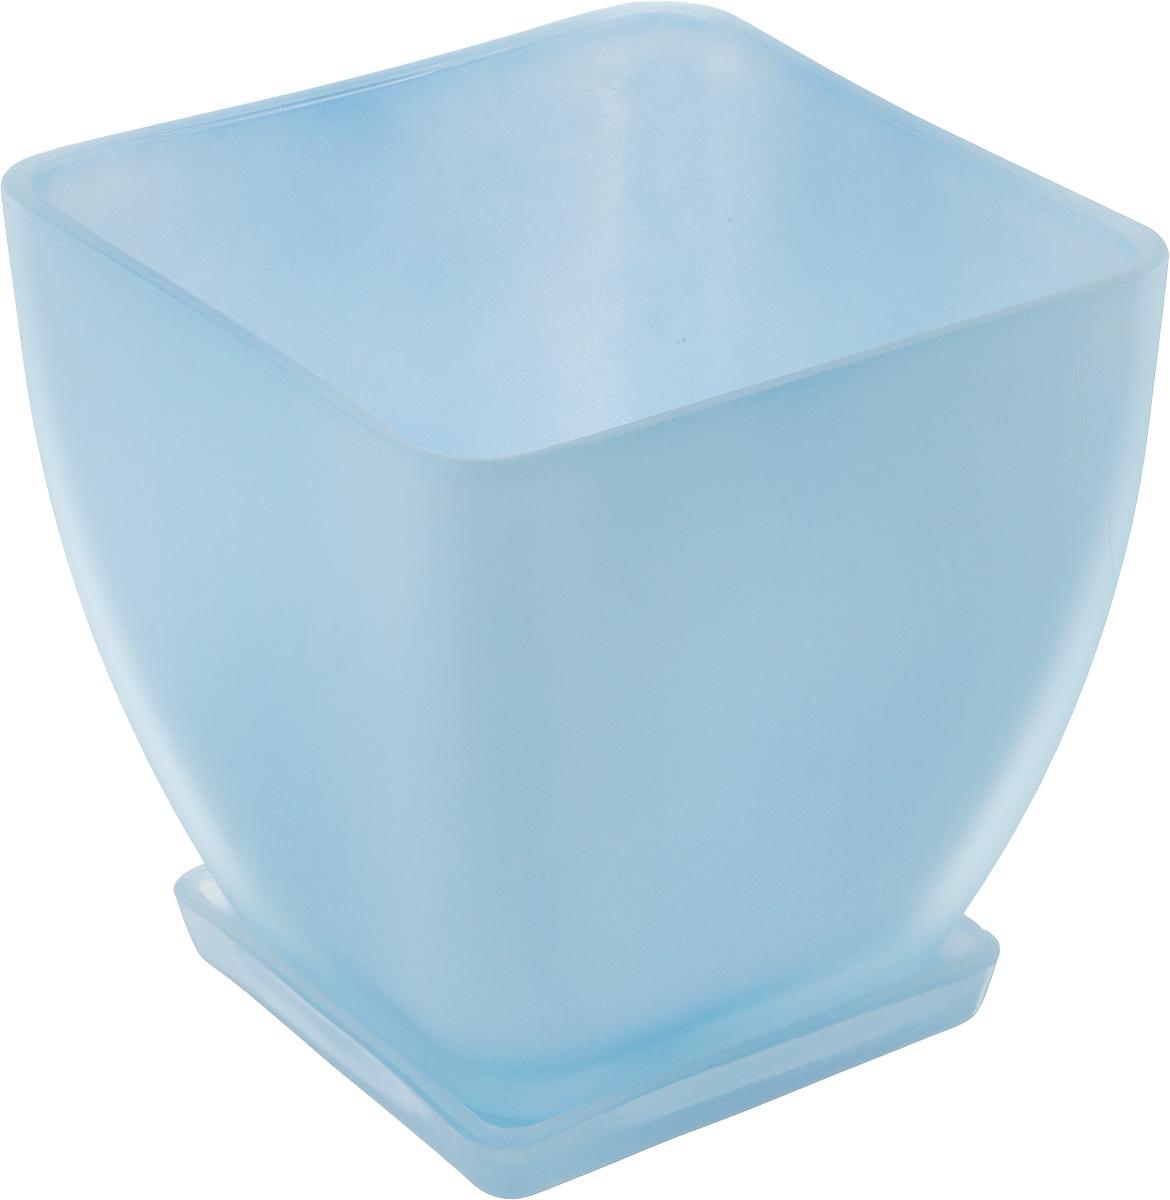 Горшок для цветов NiNaGlass Бетти, с поддоном, цвет: прозразный, голубой, 14,5 х 14,5 см ваза ninaglass дана цвет шоколад высота 16 см